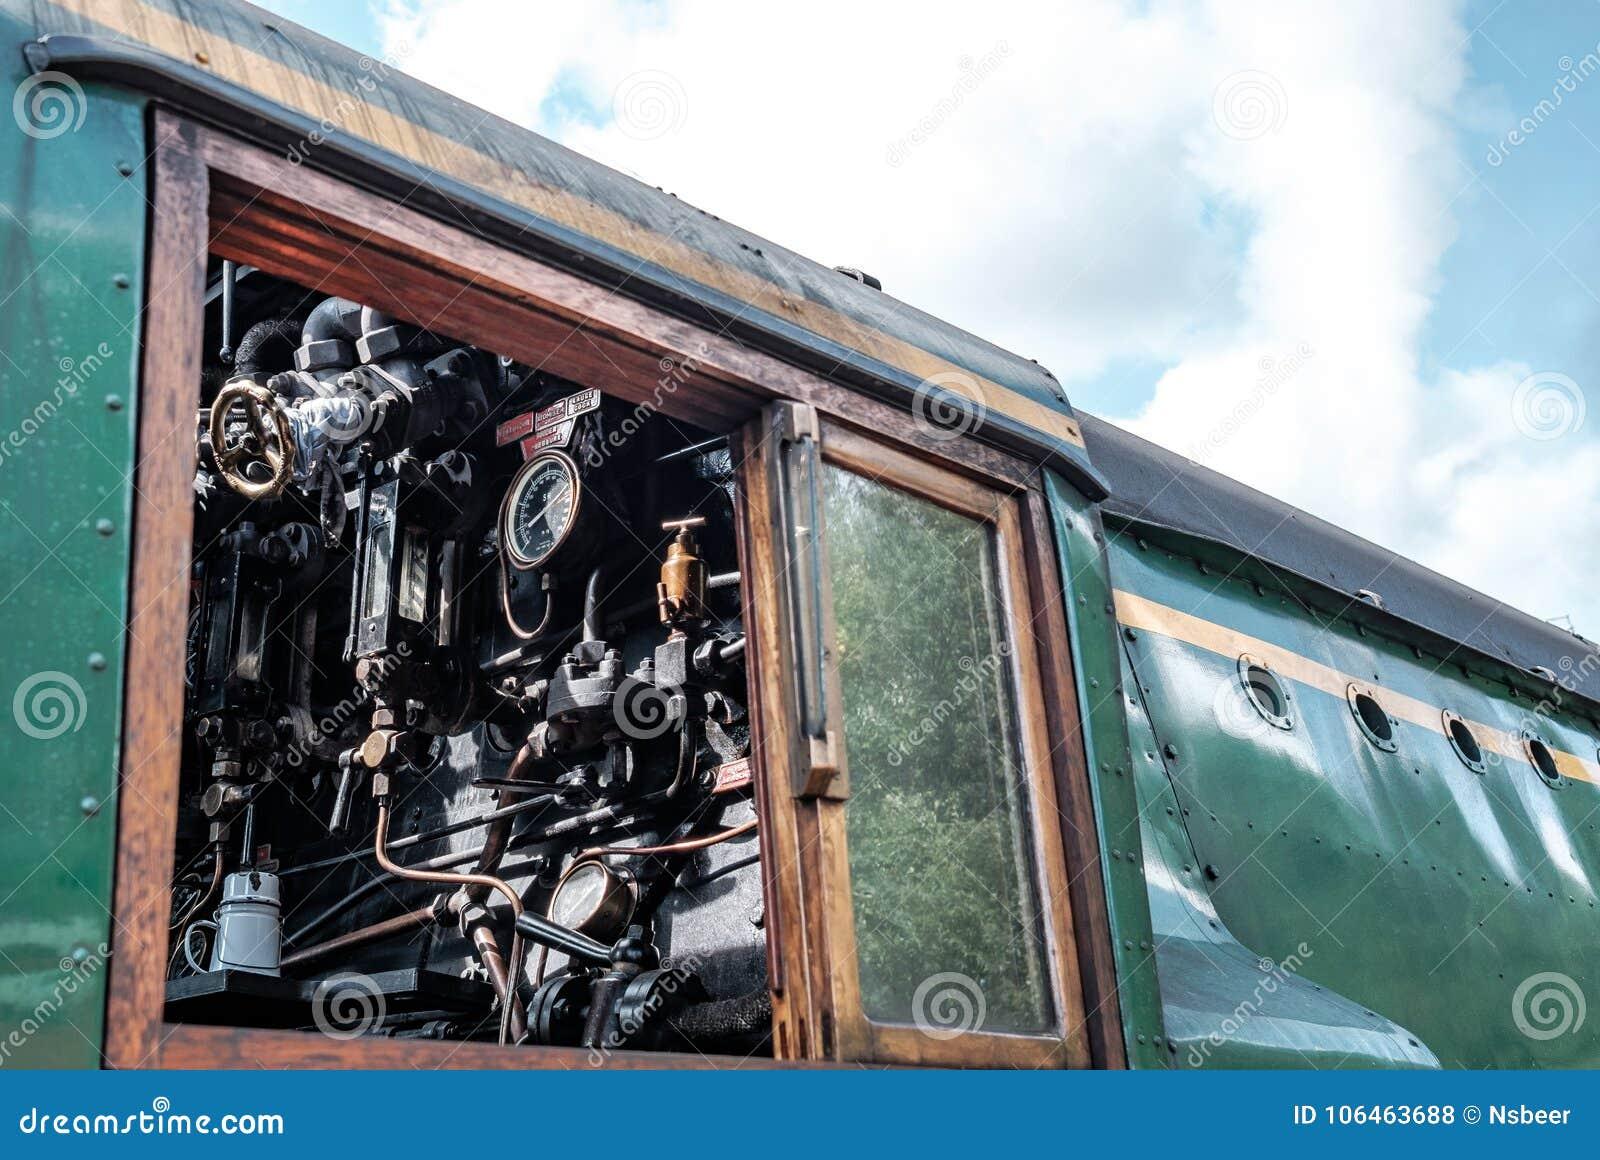 Взгляд со стороны известного великобританского локомотива пара, показывая деталь управляя кабины, со своими датчиками и pipework